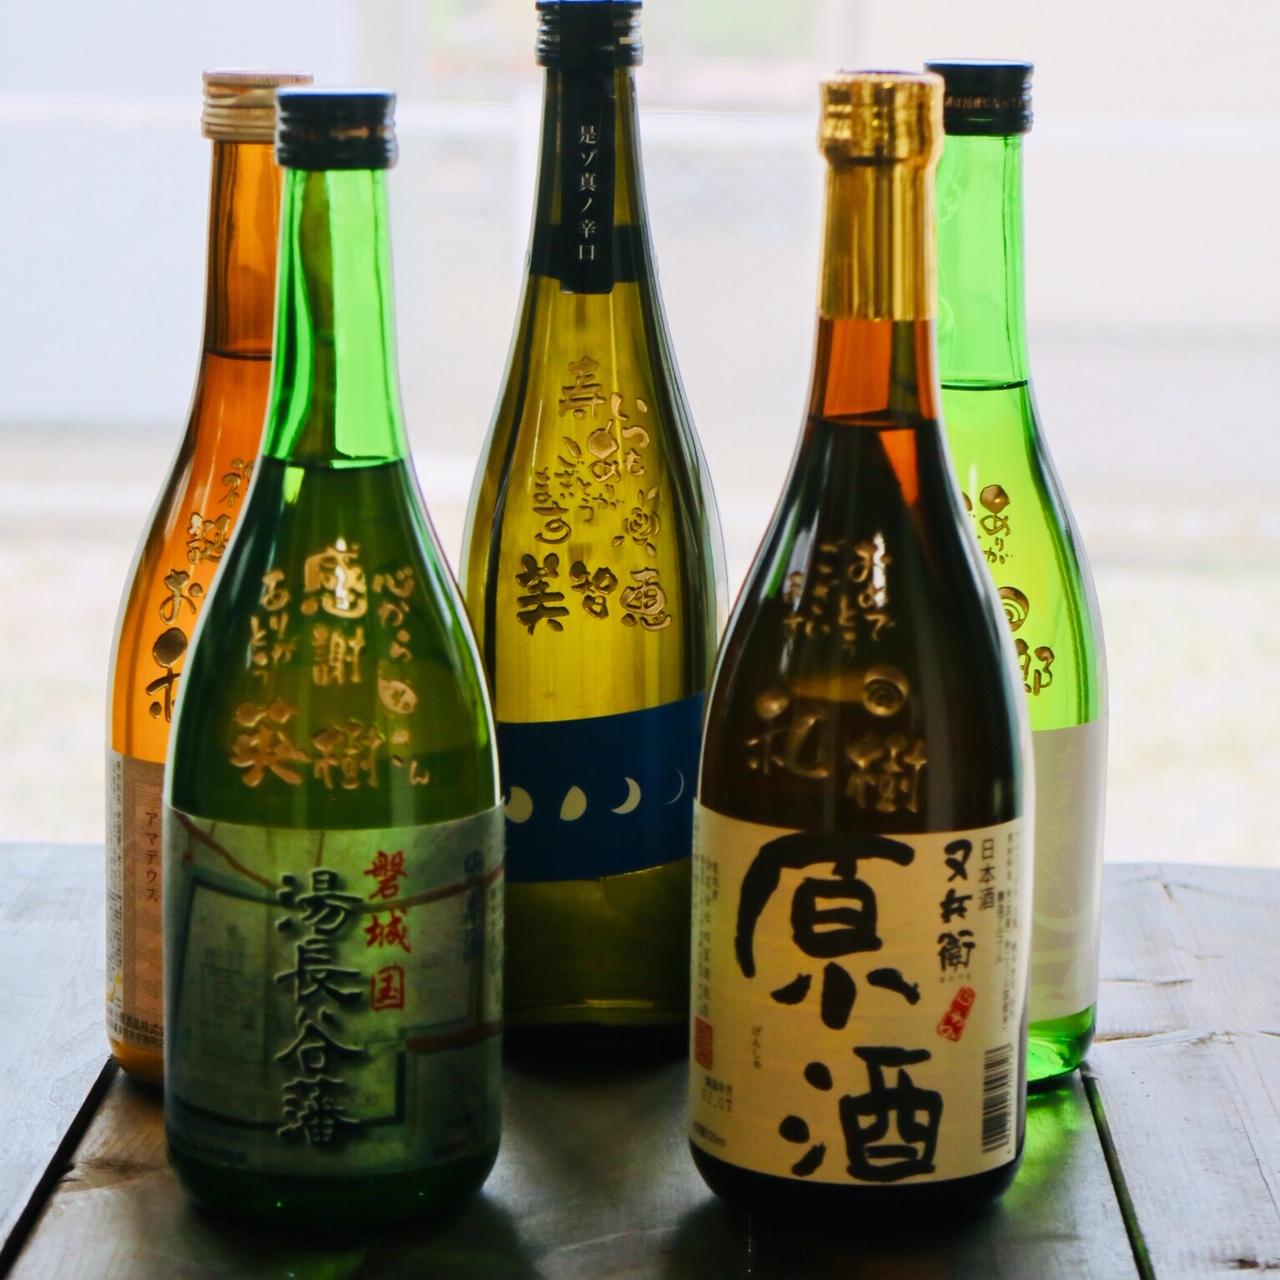 福島県産の日本酒を名入れ彫刻にて日本全国へお届けします!